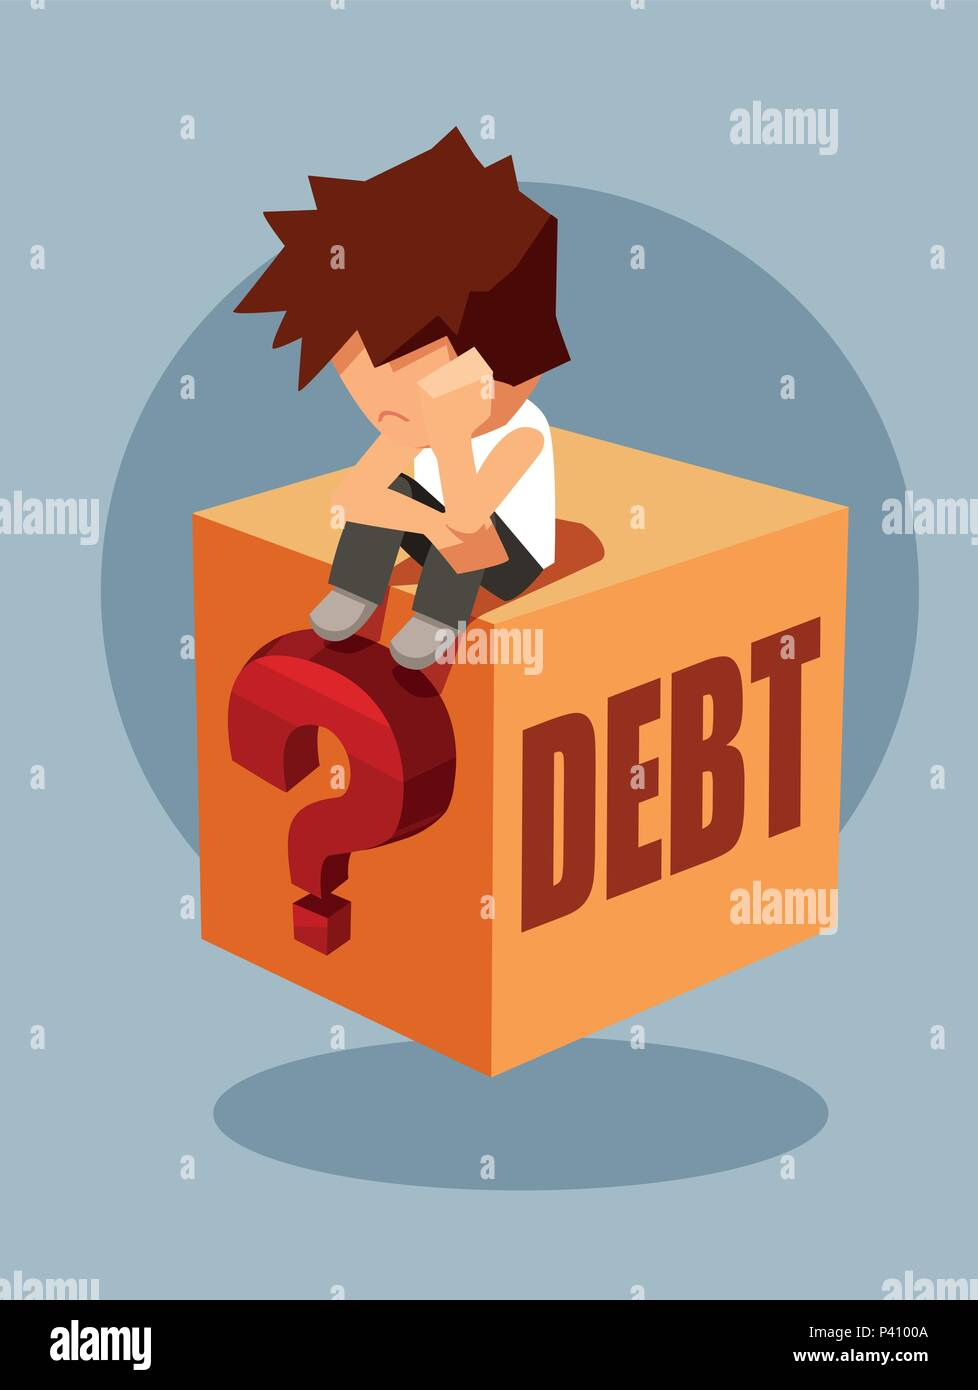 Concept de la dette. Vecteur d'un homme triste assis sur une question fort penser comment rembourser l'argent emprunté Photo Stock